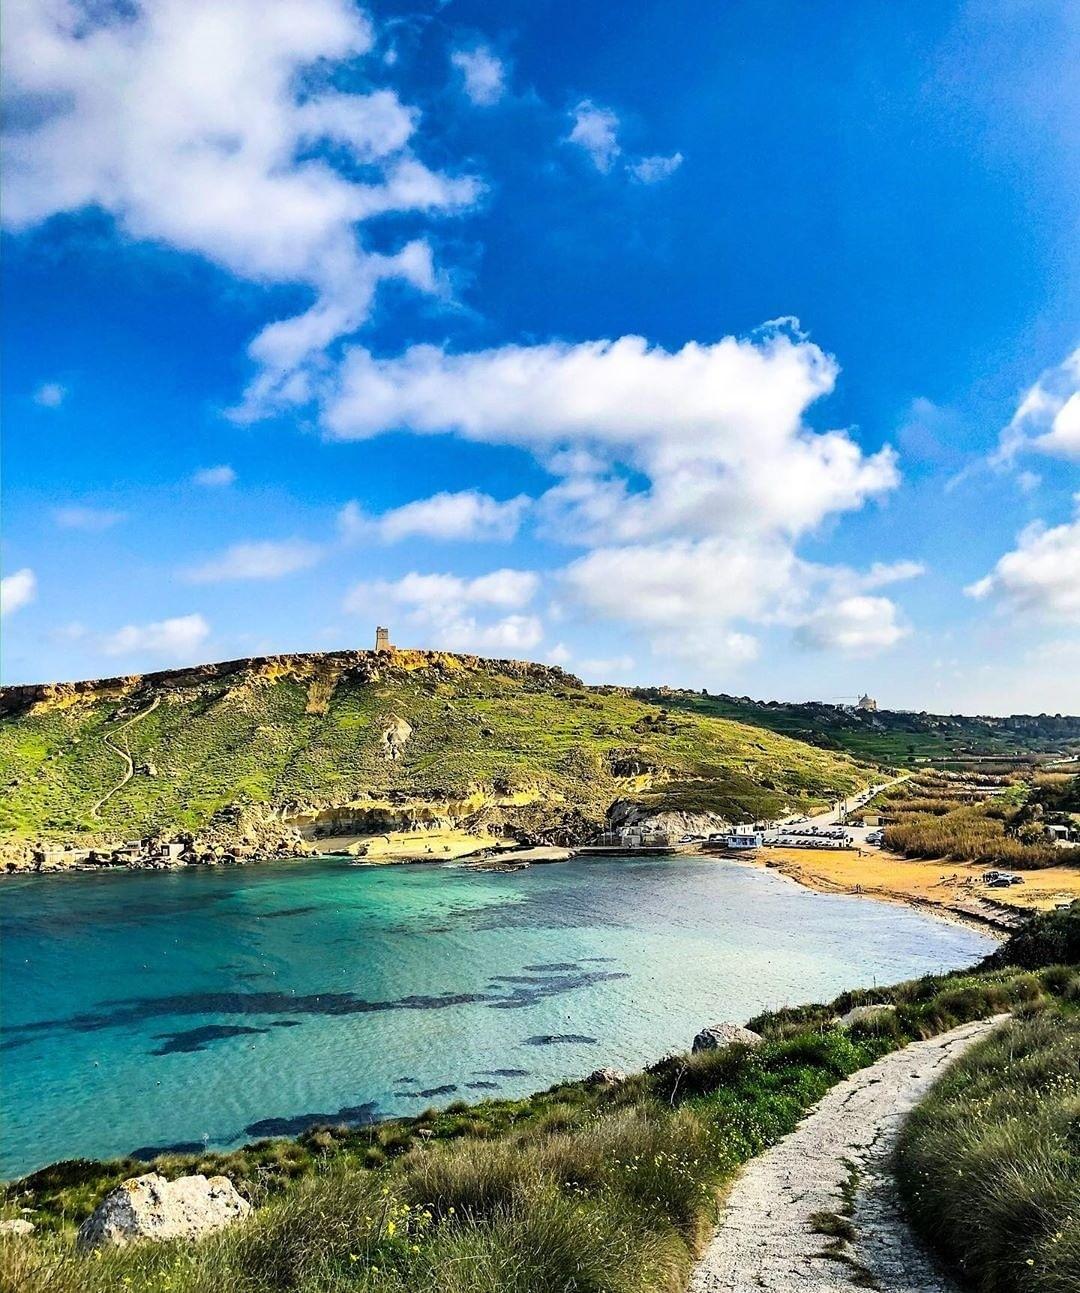 Wied il-Ġnejna - Malta